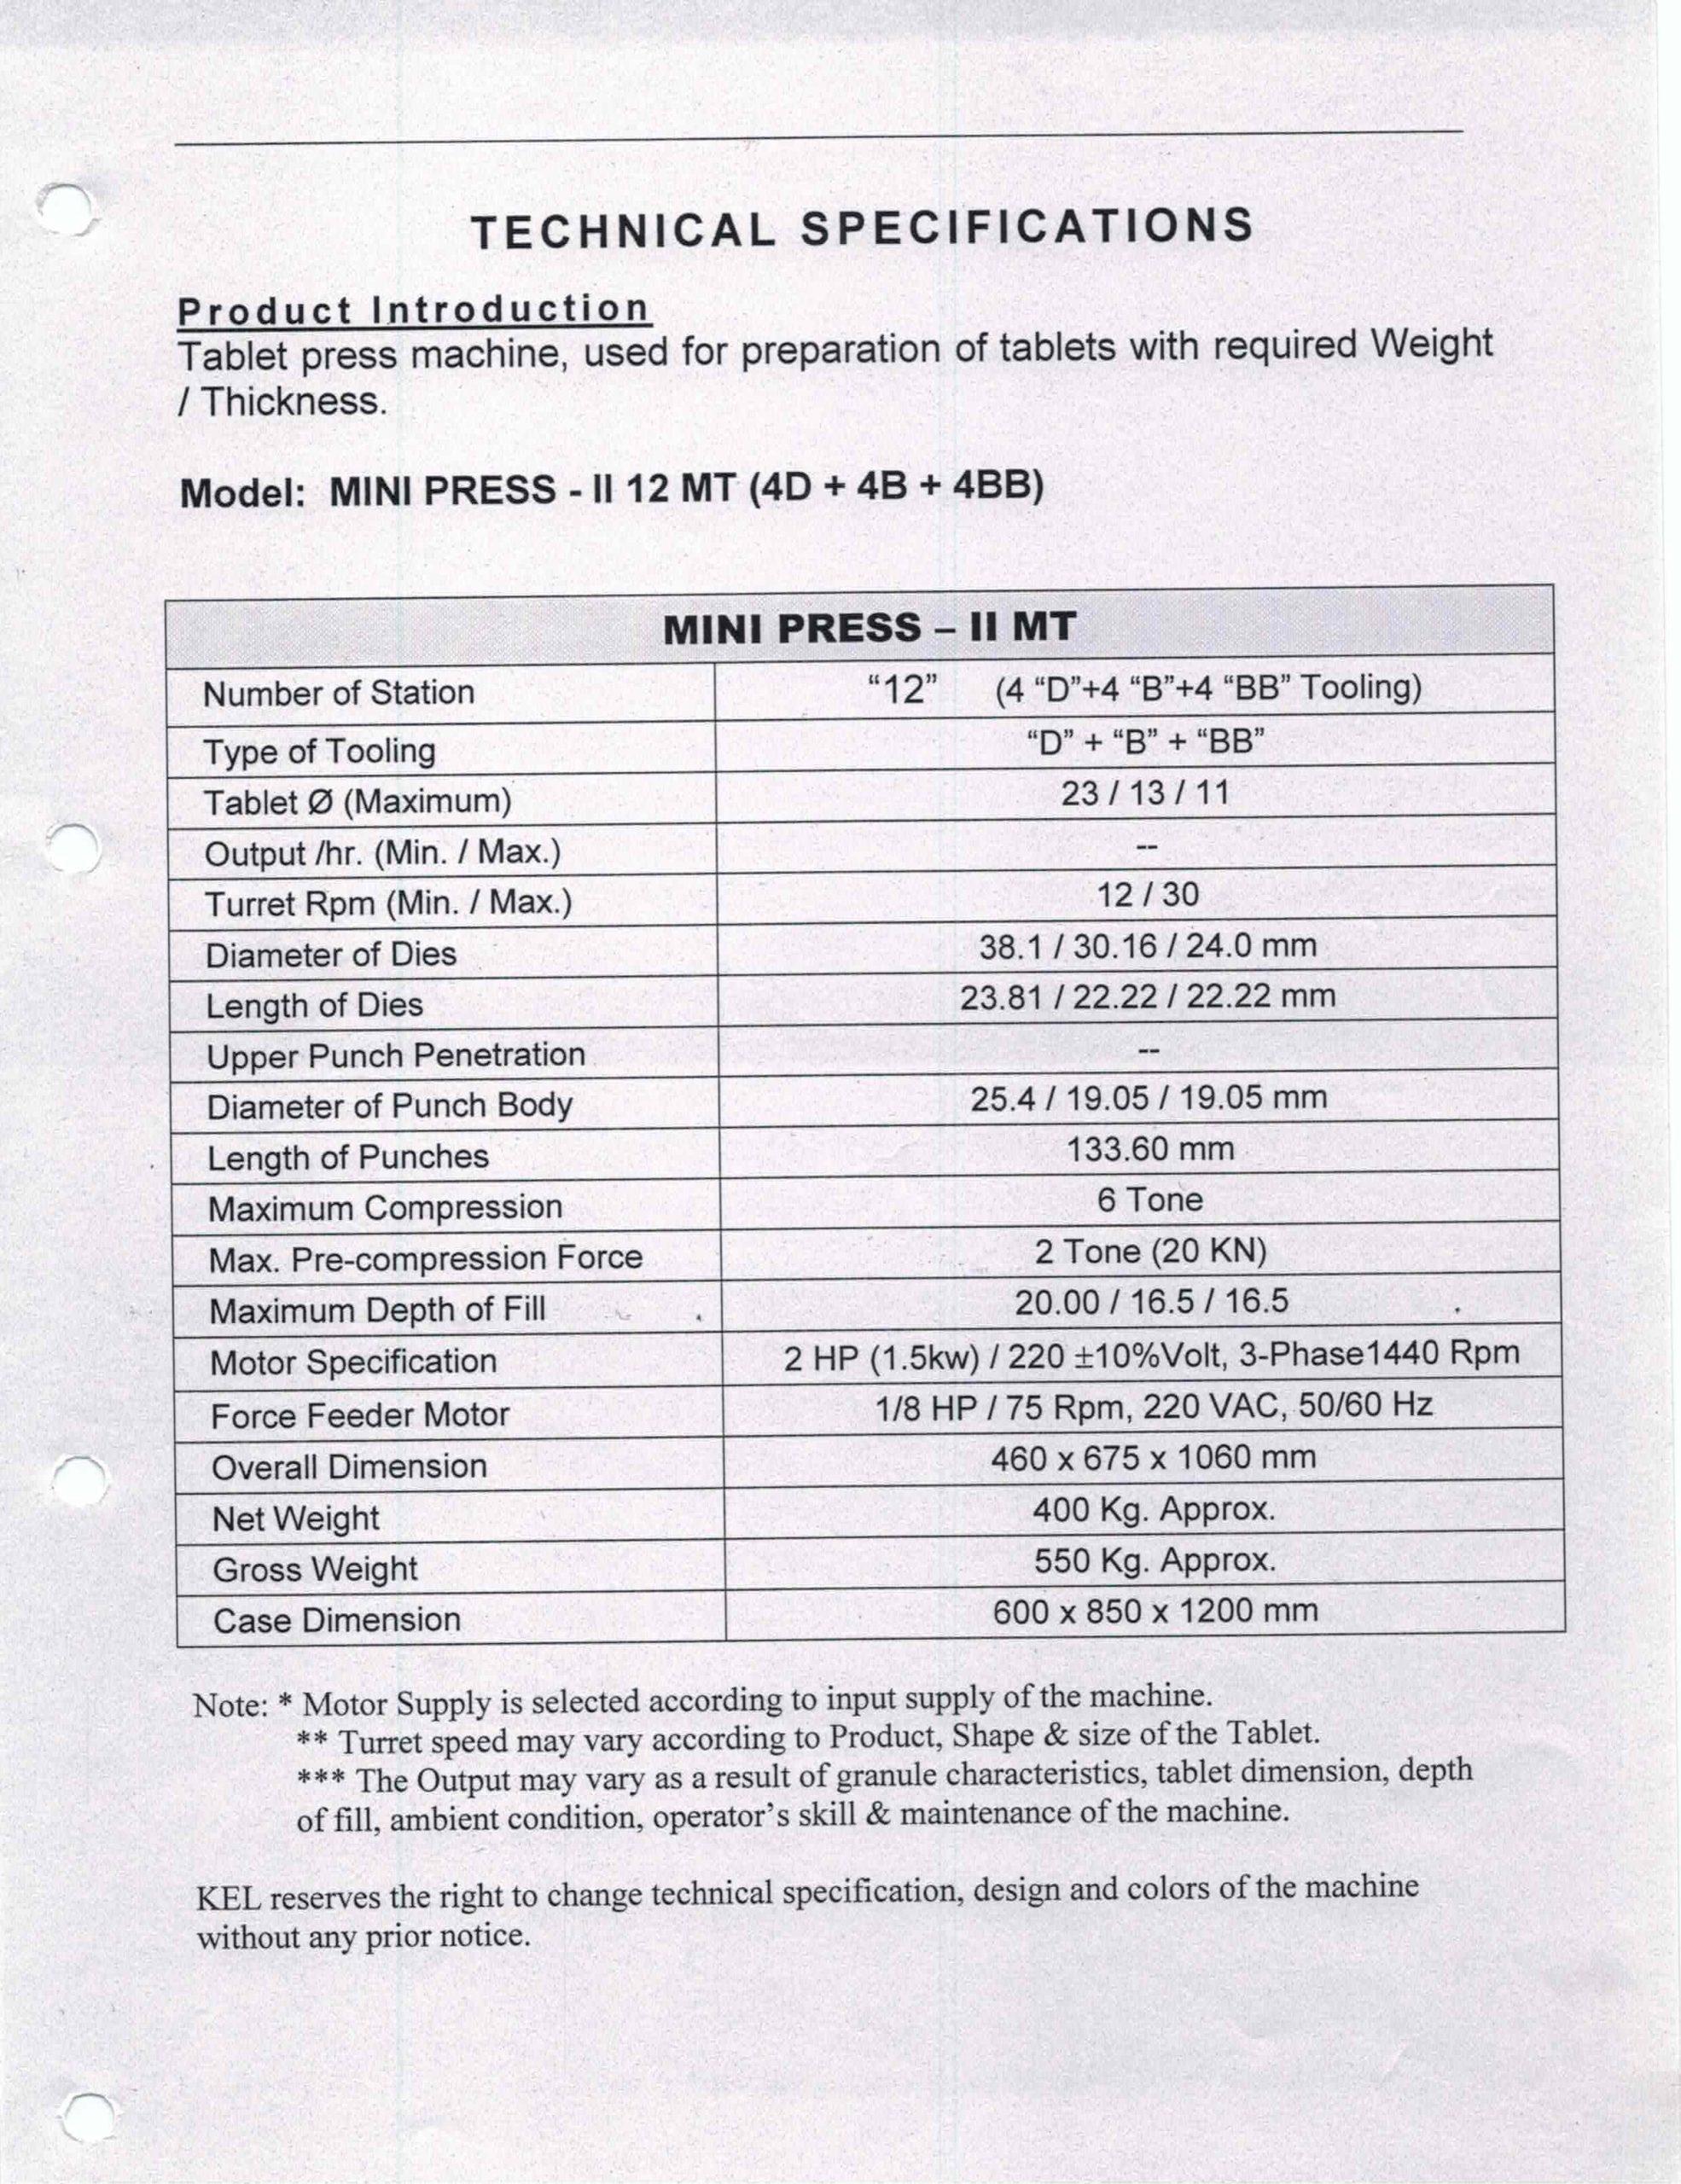 KARNAVATI TABLET PRESS MODEL MINI II MT, 12 STATIONS, 4D